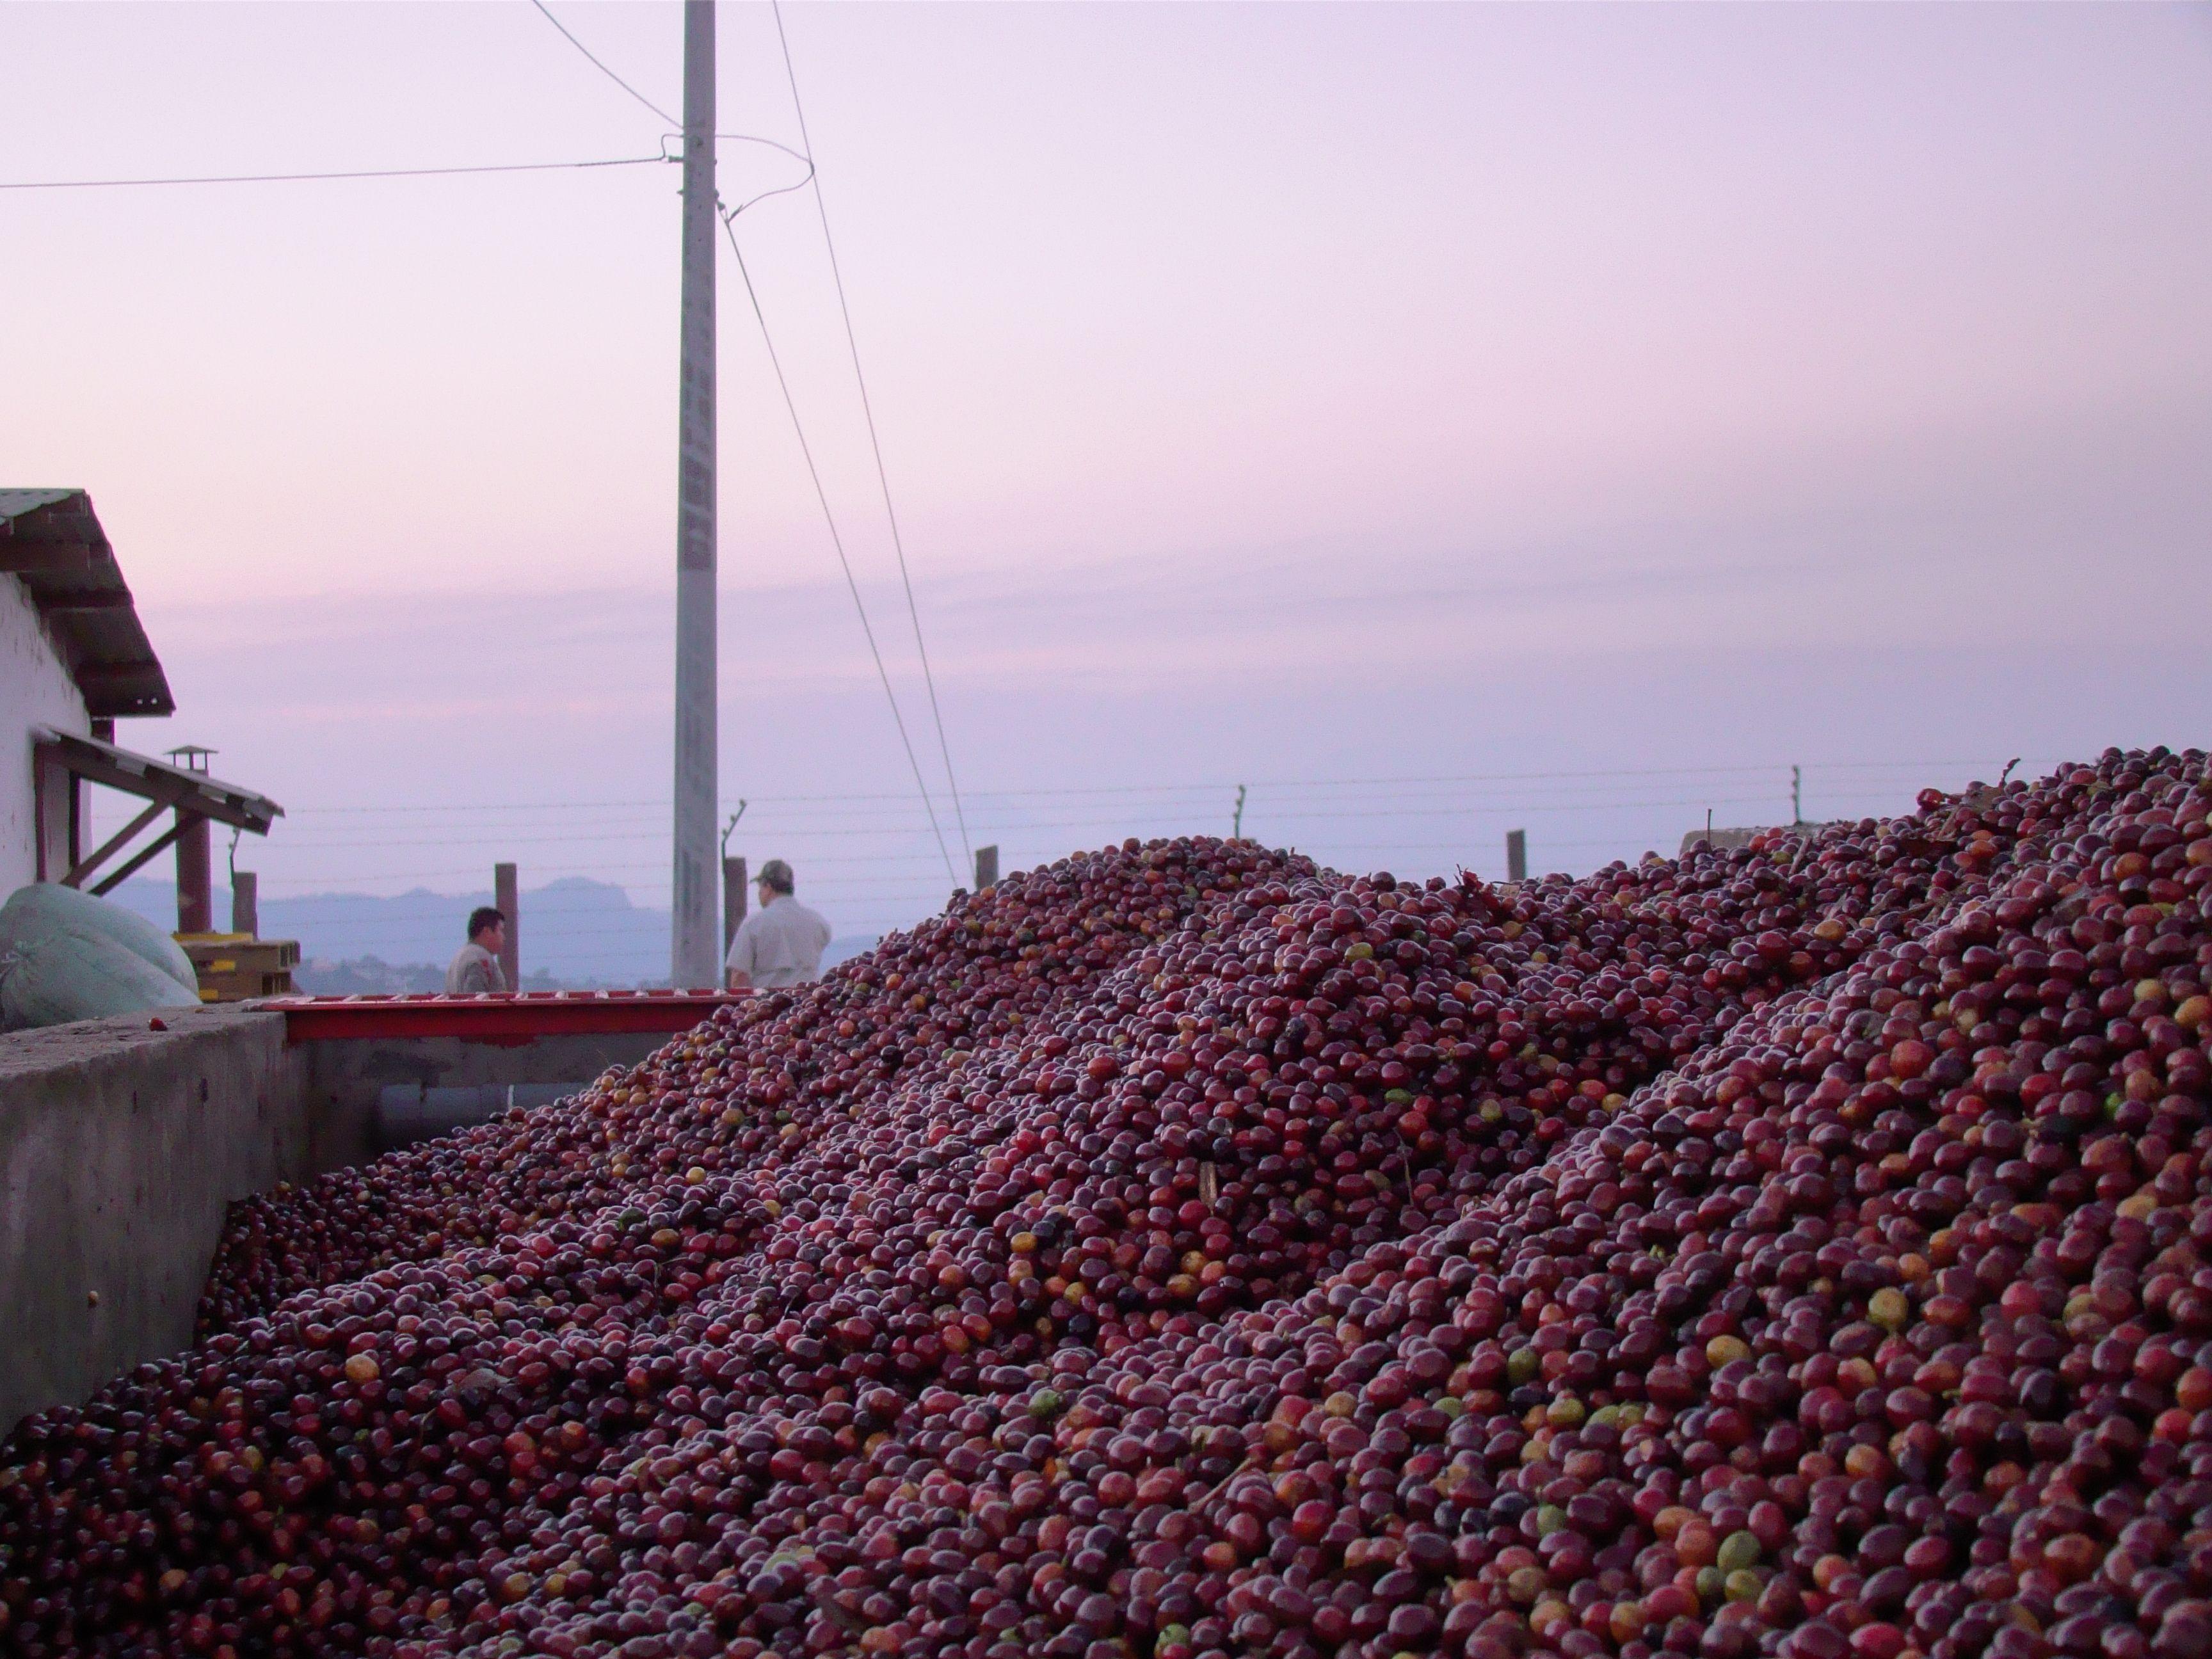 Uva en pila de recepción, Montenegro